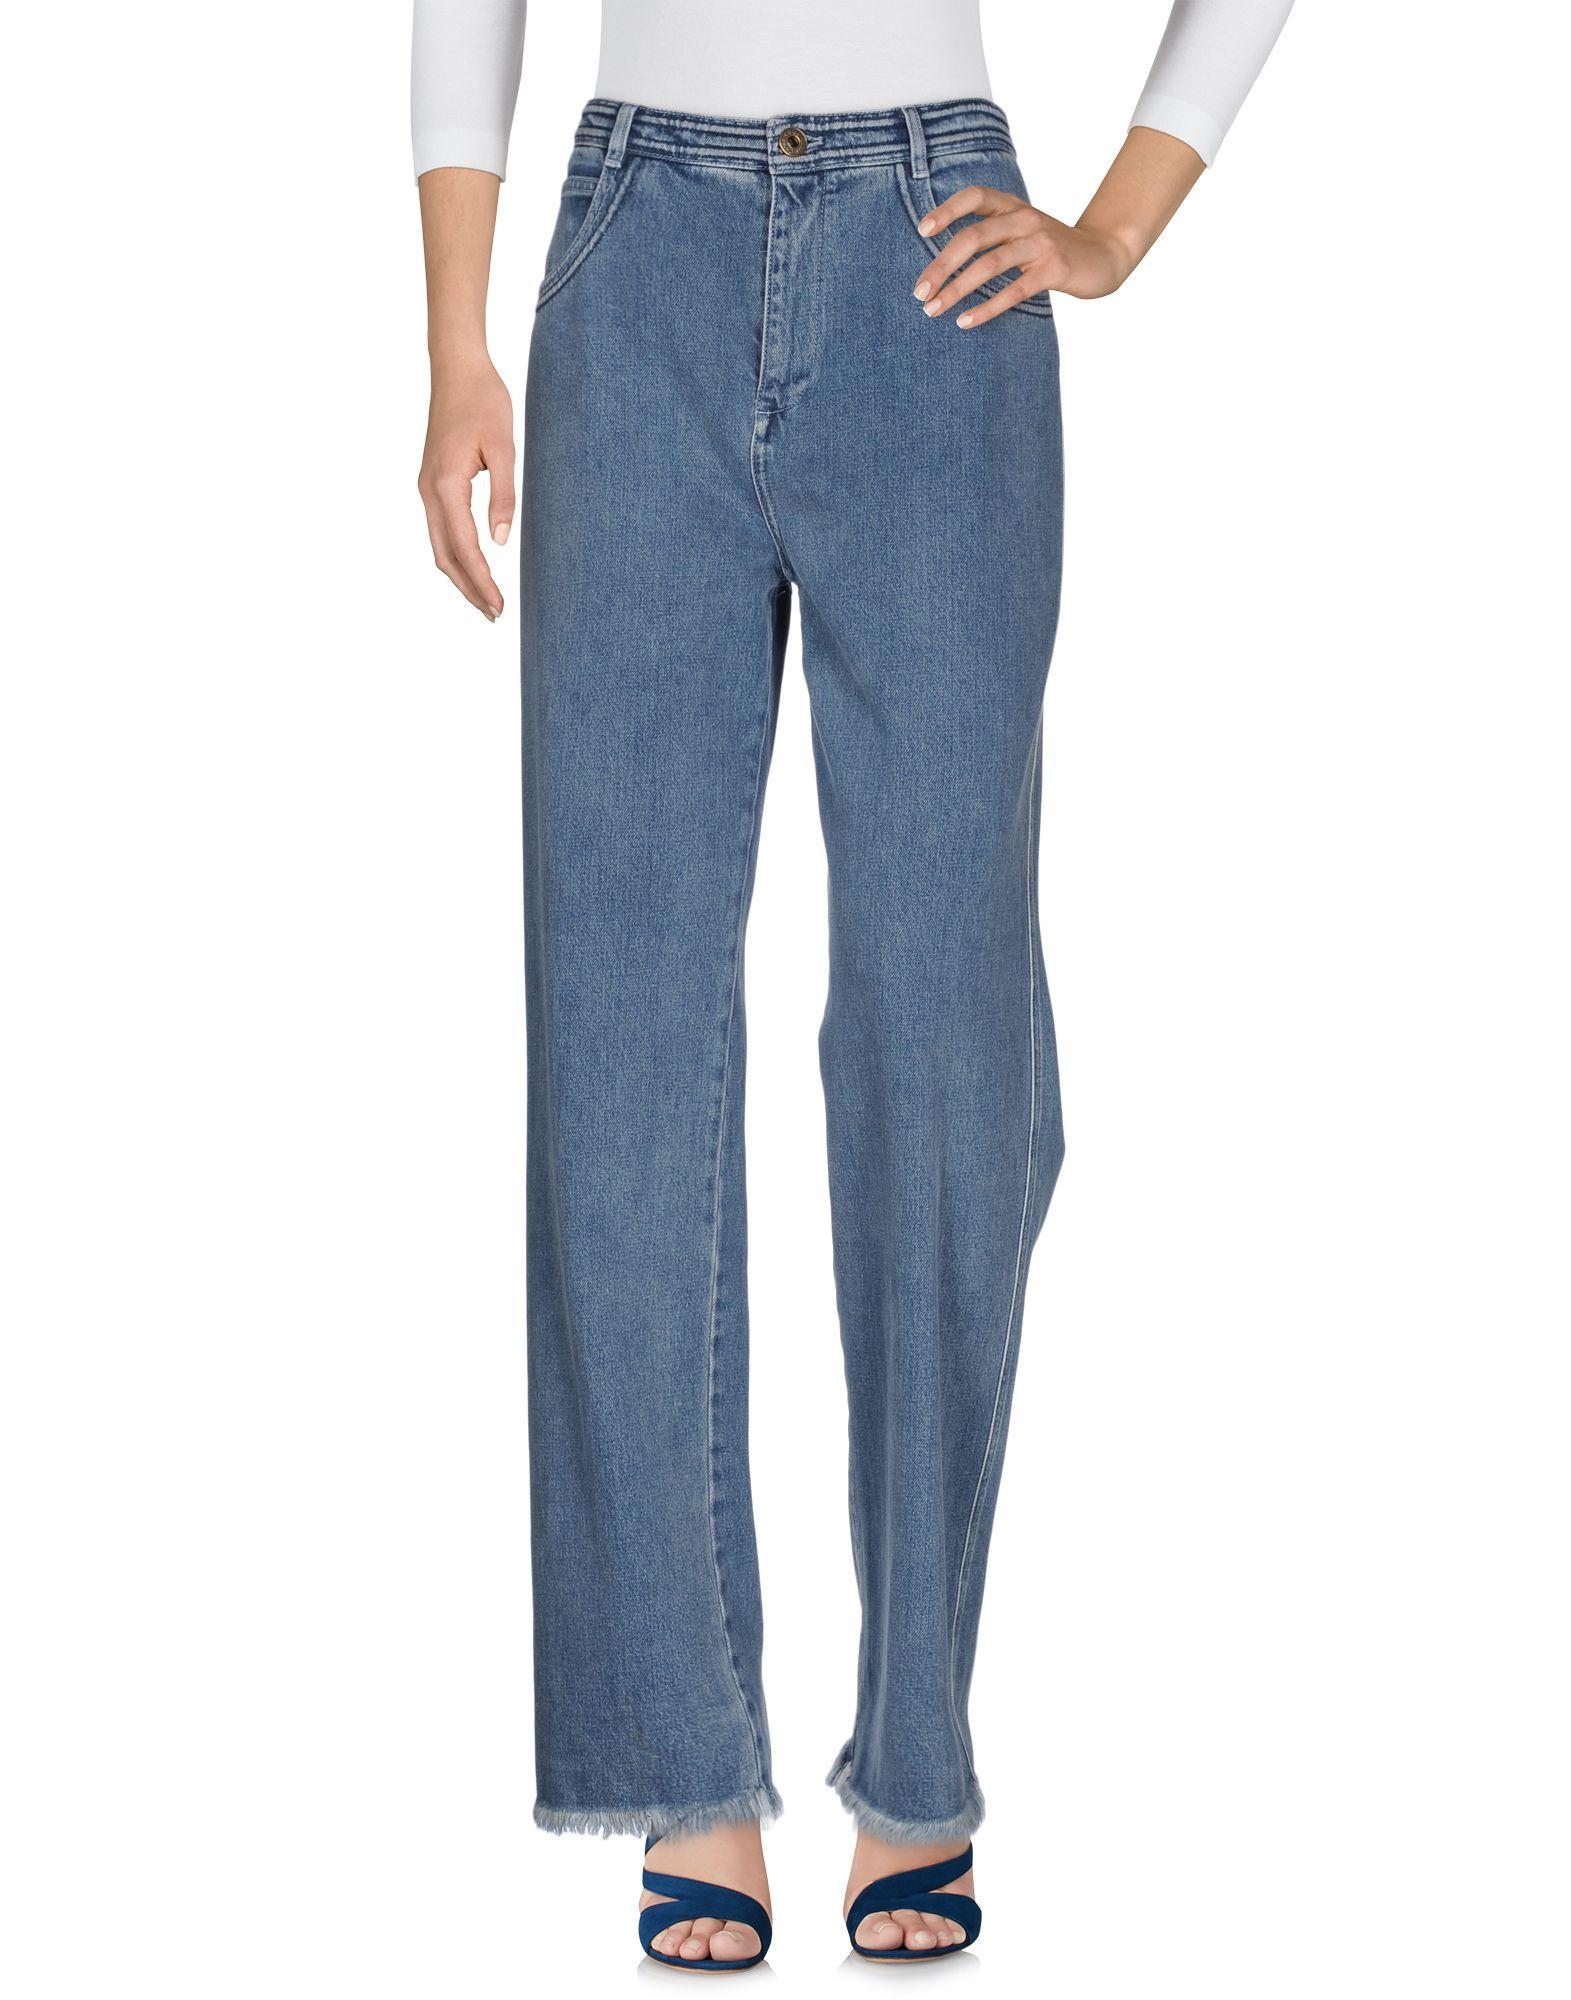 Pantaloni Pantaloni Pantaloni Jeans Chloé donna - 42587815UK dca